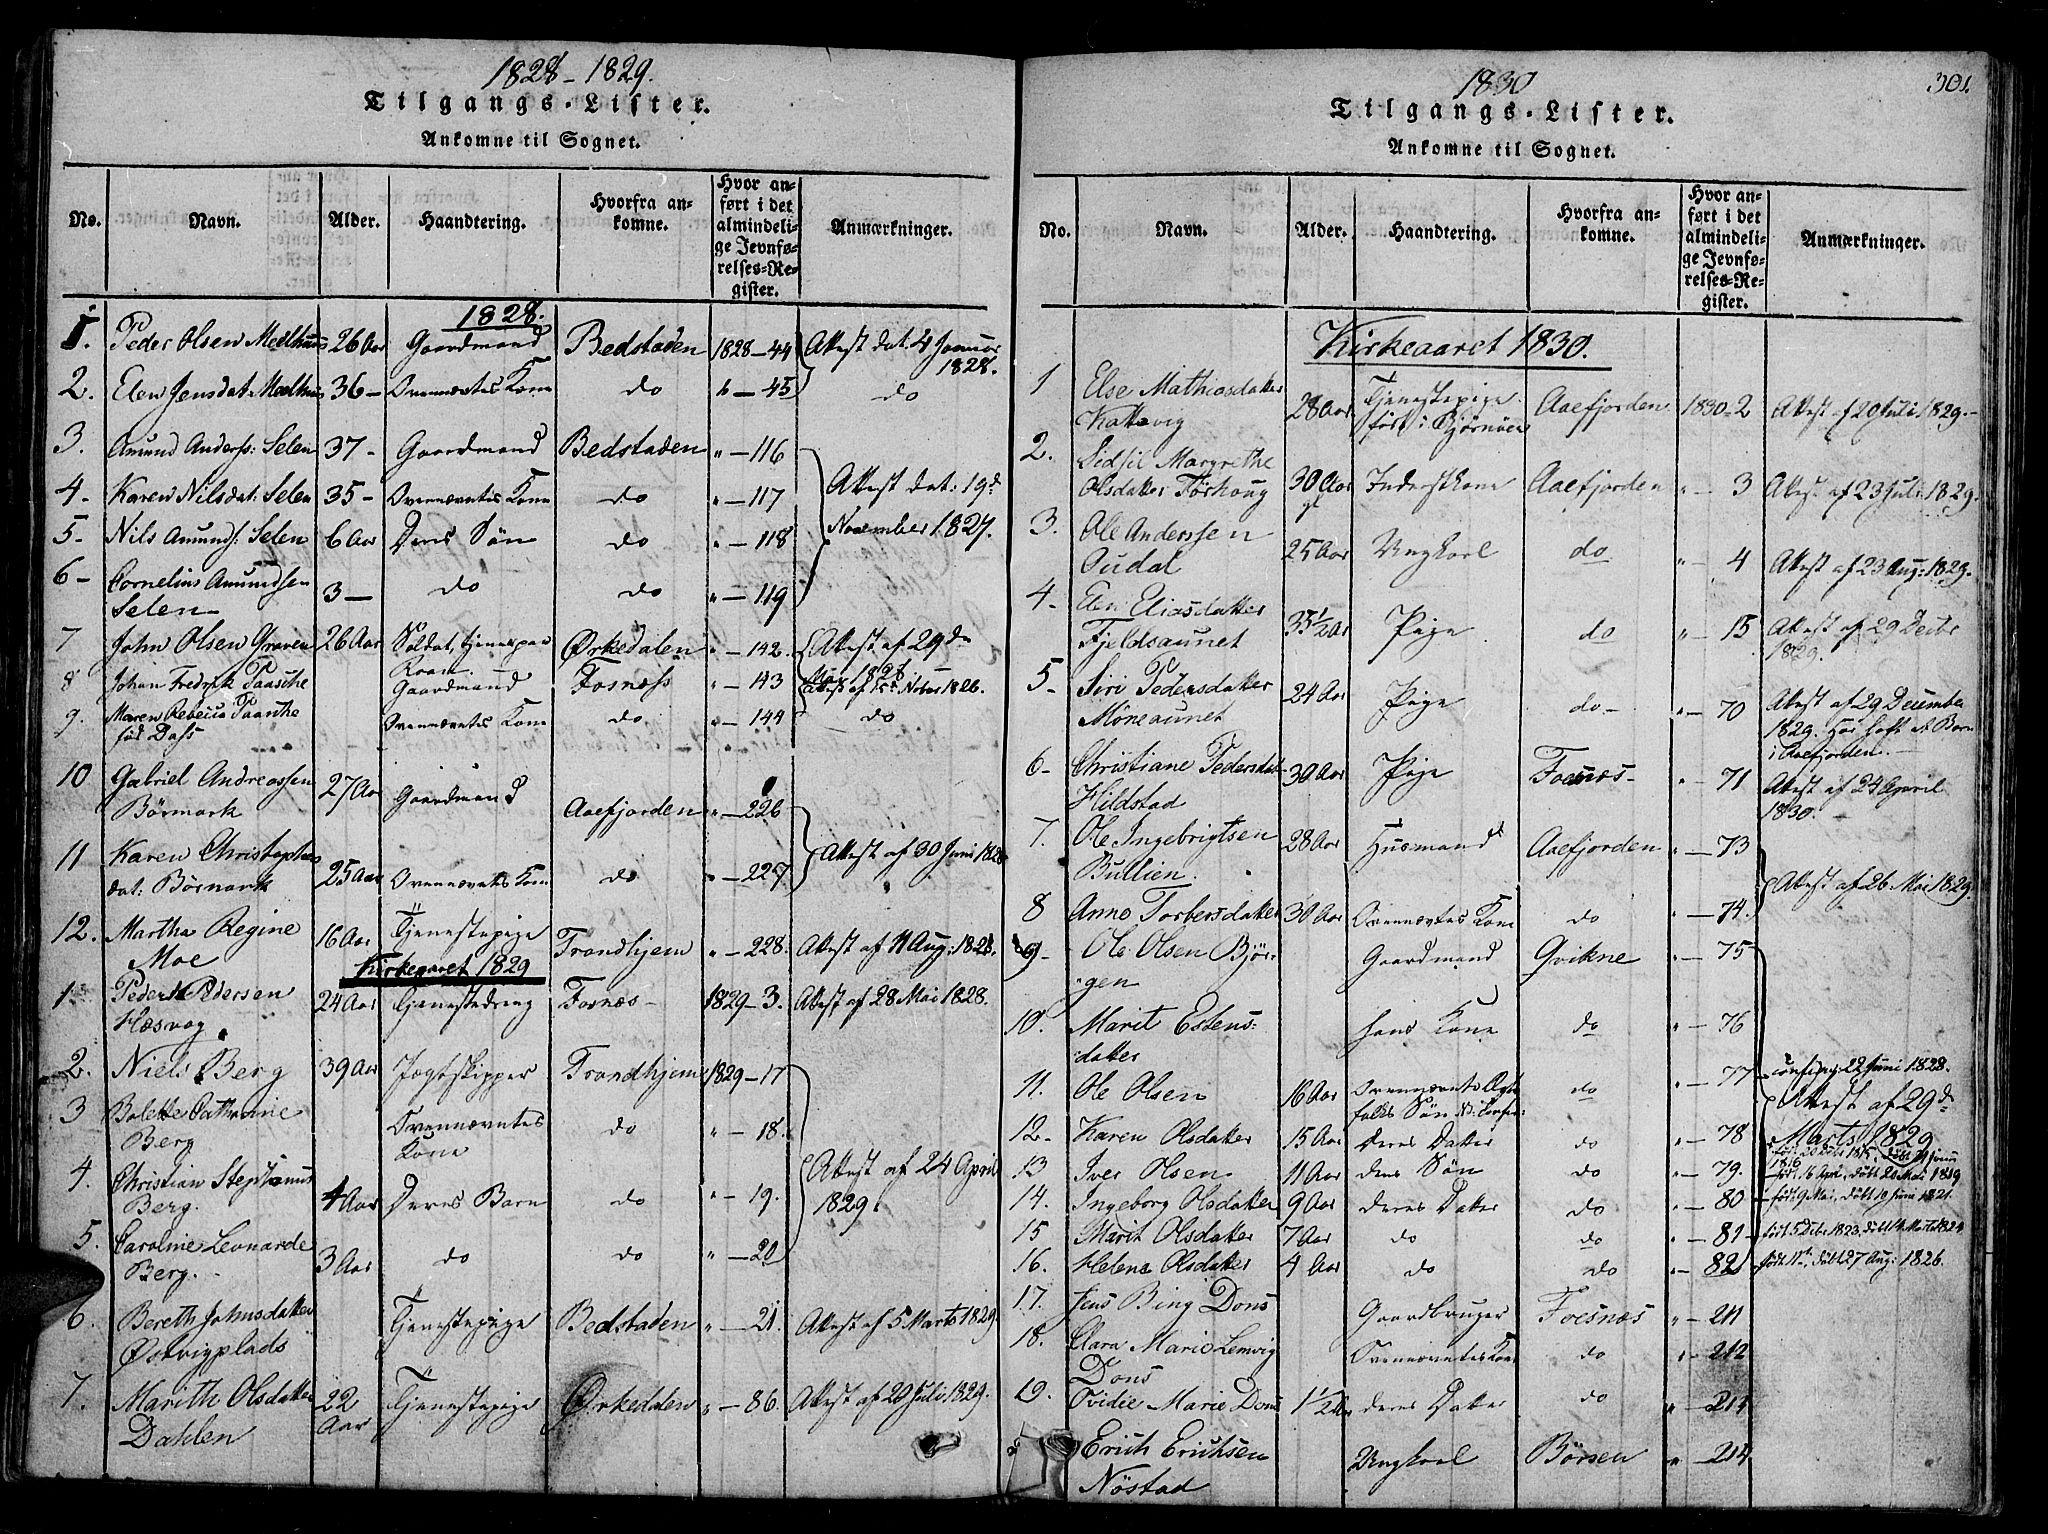 SAT, Ministerialprotokoller, klokkerbøker og fødselsregistre - Sør-Trøndelag, 657/L0702: Ministerialbok nr. 657A03, 1818-1831, s. 301